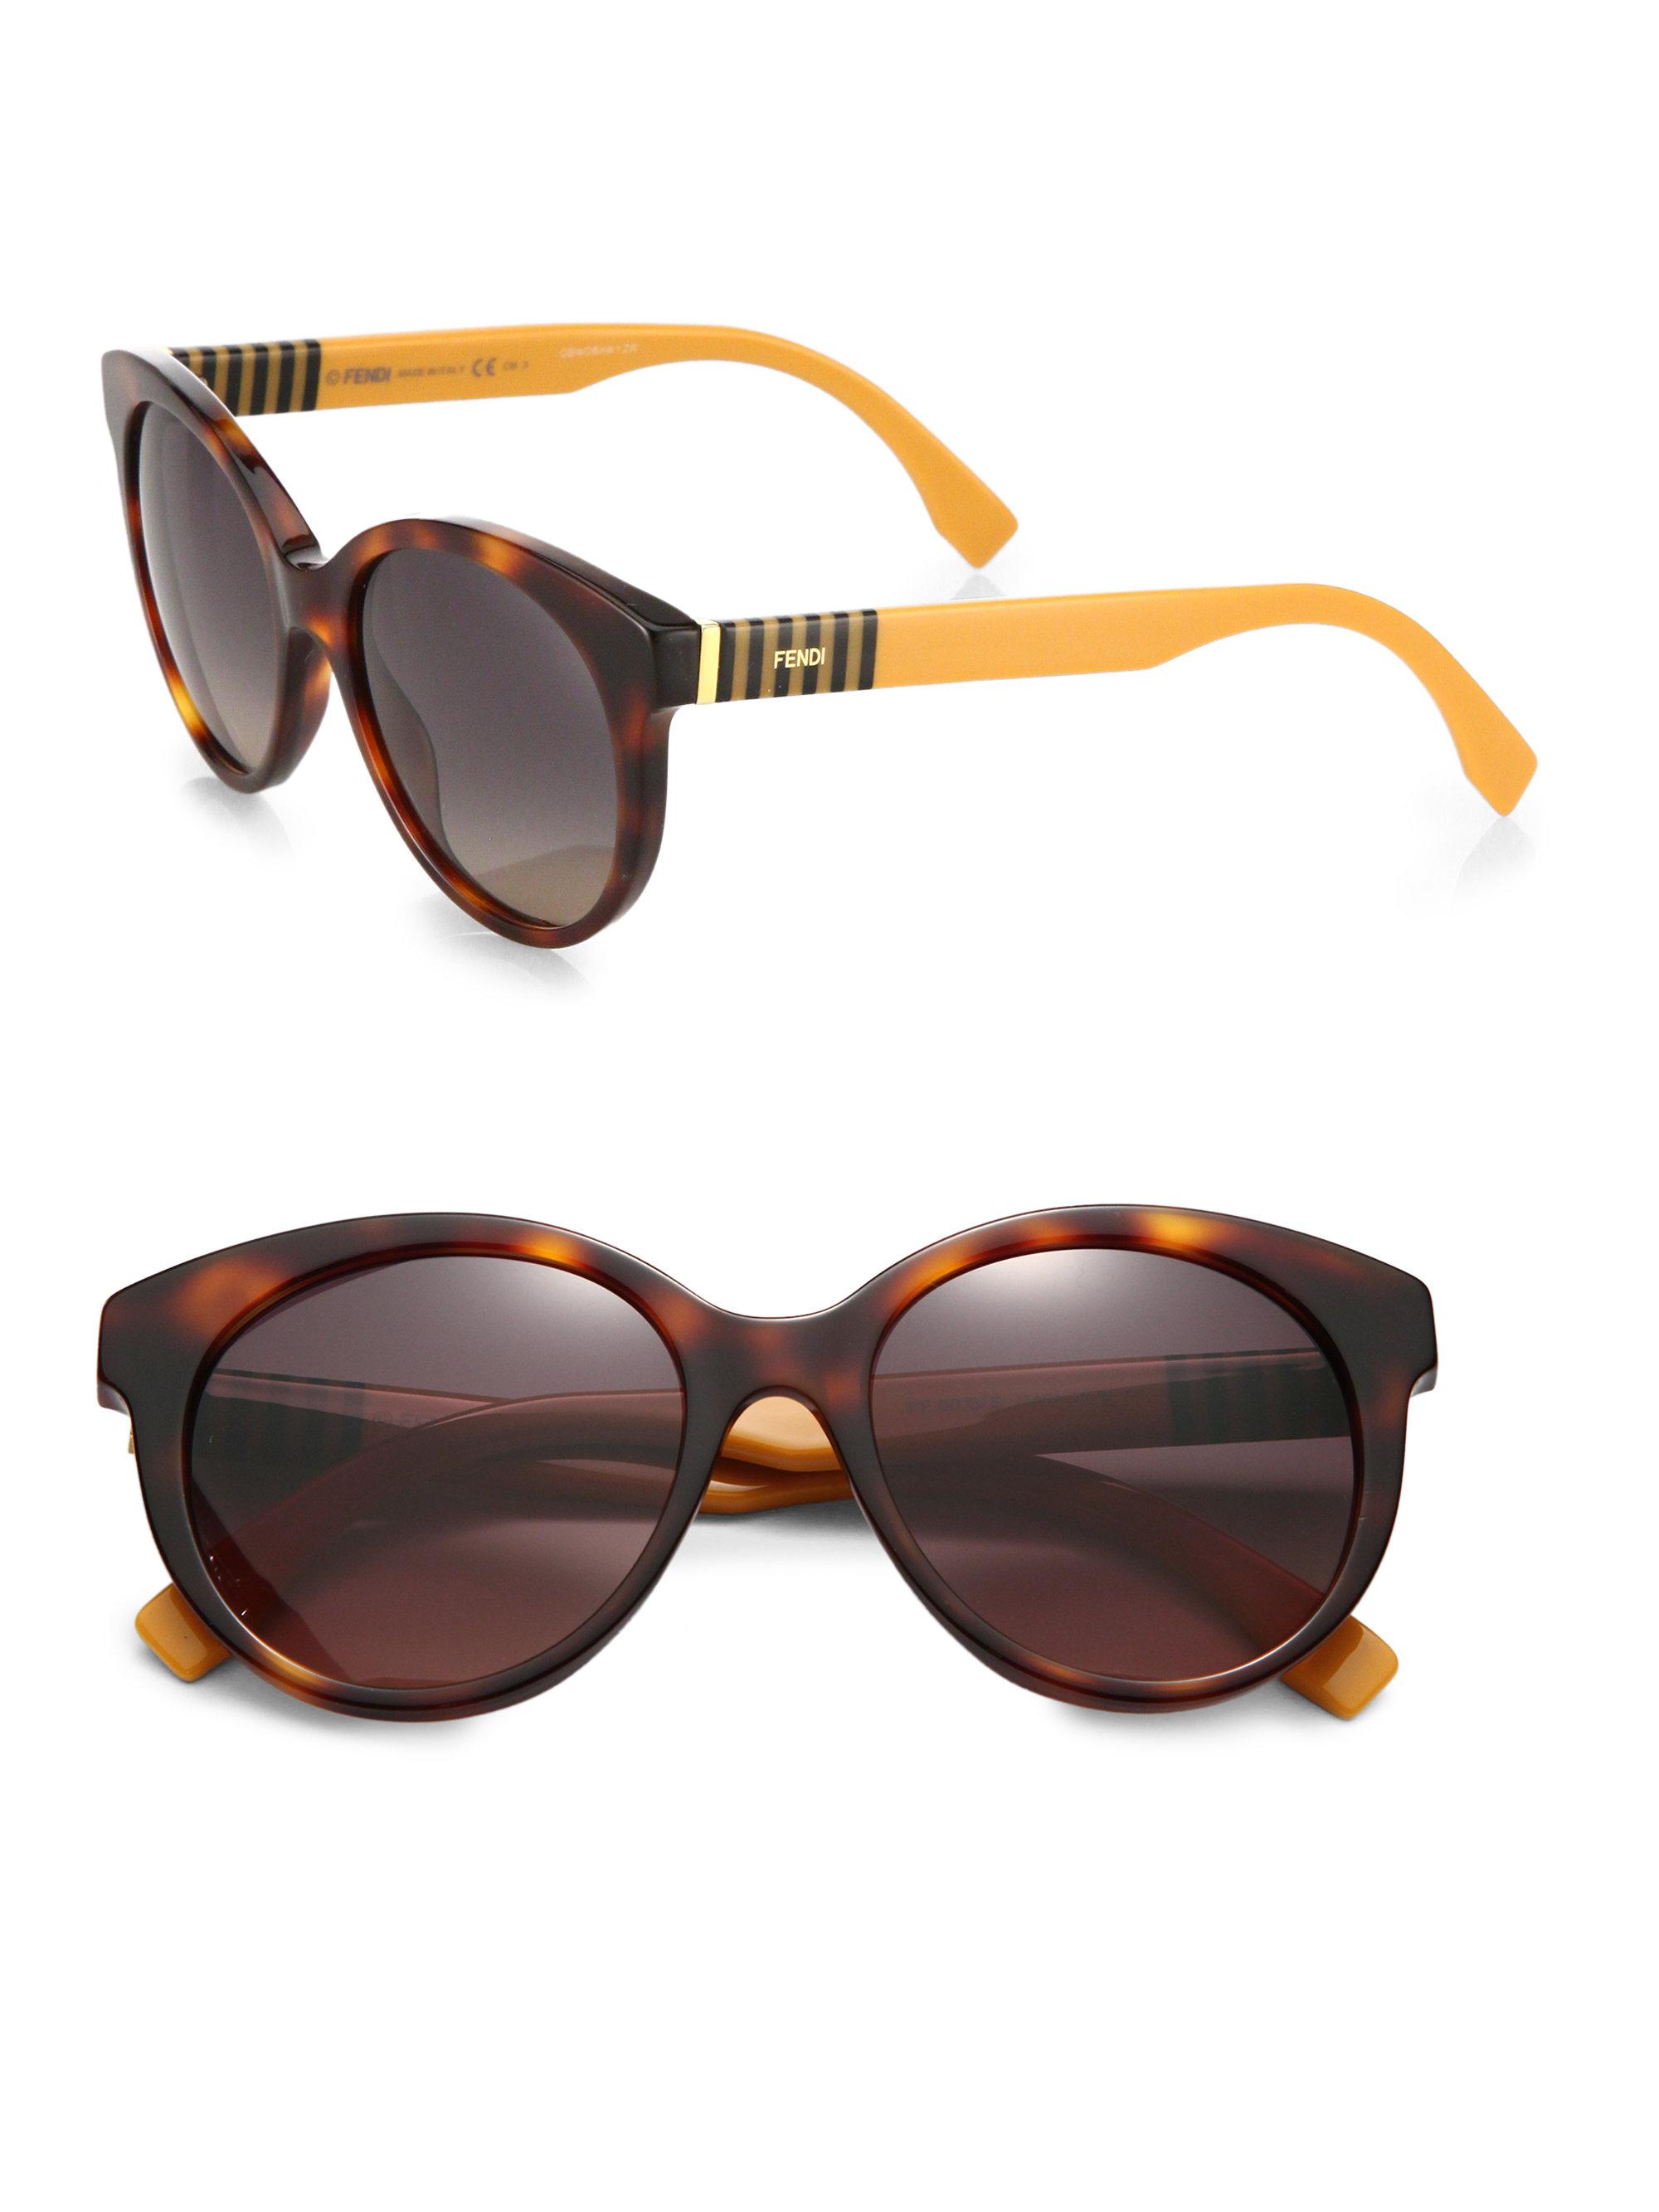 9d65c08a724f Lyst - Fendi Pequin Acetate Sunglasses in Orange